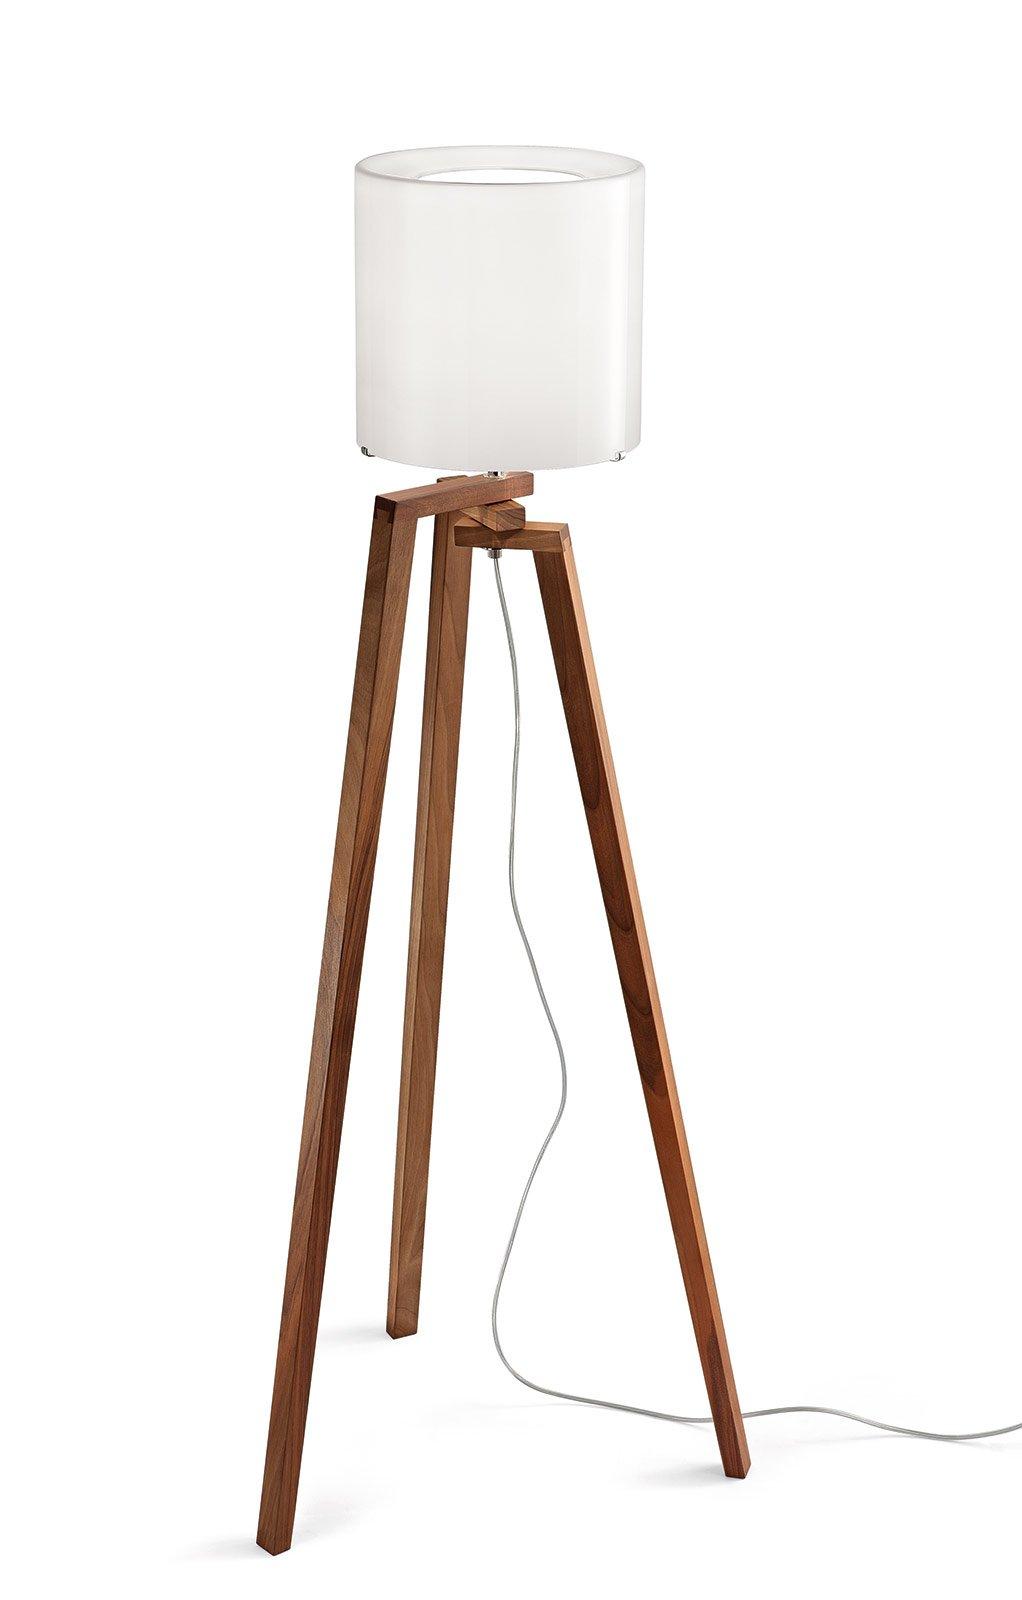 contesti, la lampada da terra Trepai di Vistosi ha la base in legno ...